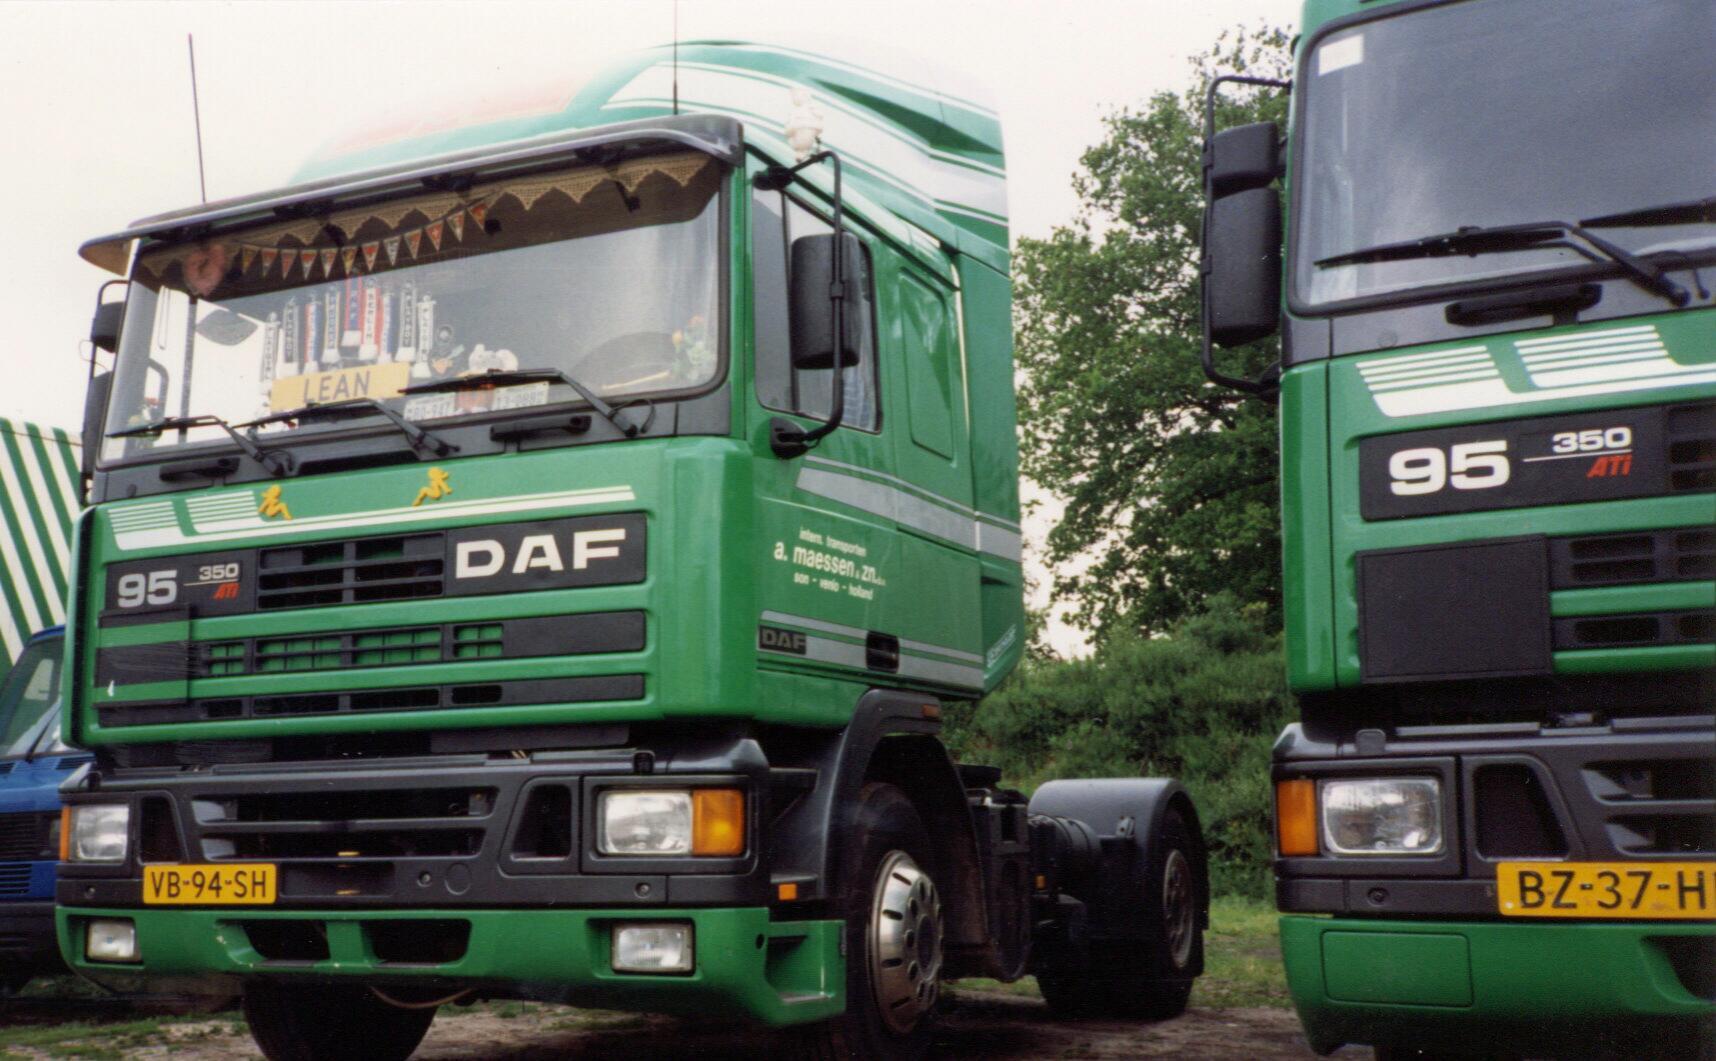 Daf--95-350-ATI